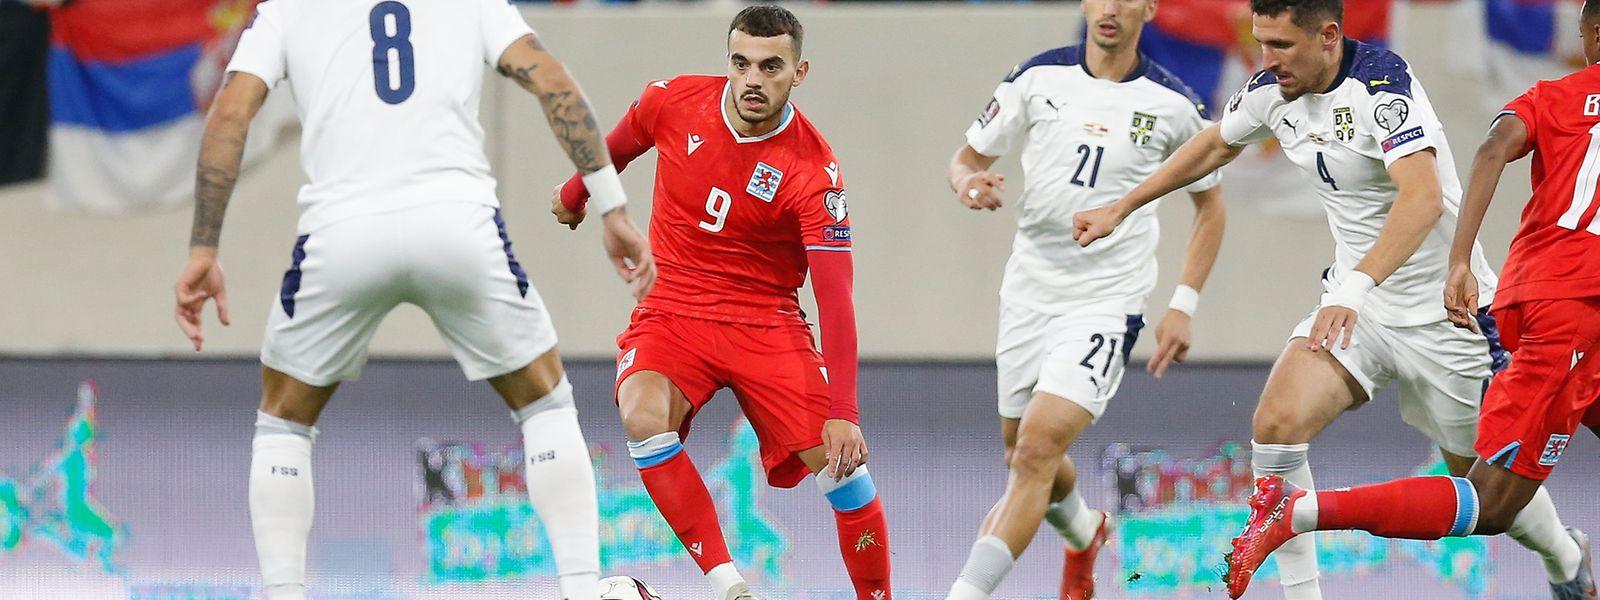 L'attaquant Danel Sinani n'a pas marqué, samedi, face à la Serbie. Fera-t-il trembler les cages de Rui Patricio ou Anthony Lopes ce soir?